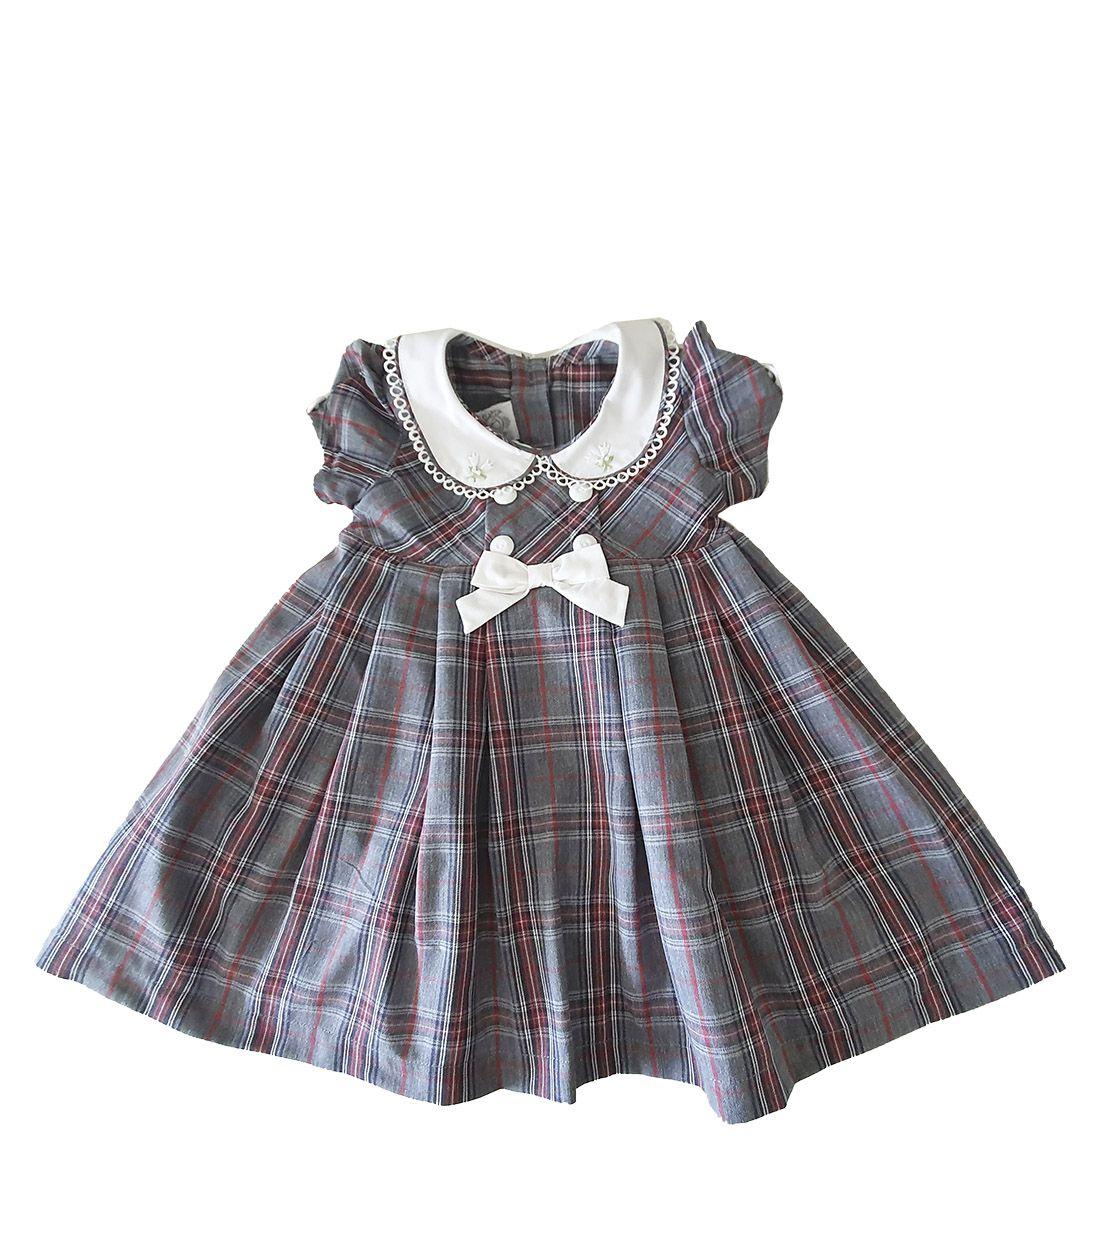 Vestido Festa Bebê em Tricoline  Póssum Xadrez cinza e vermelho